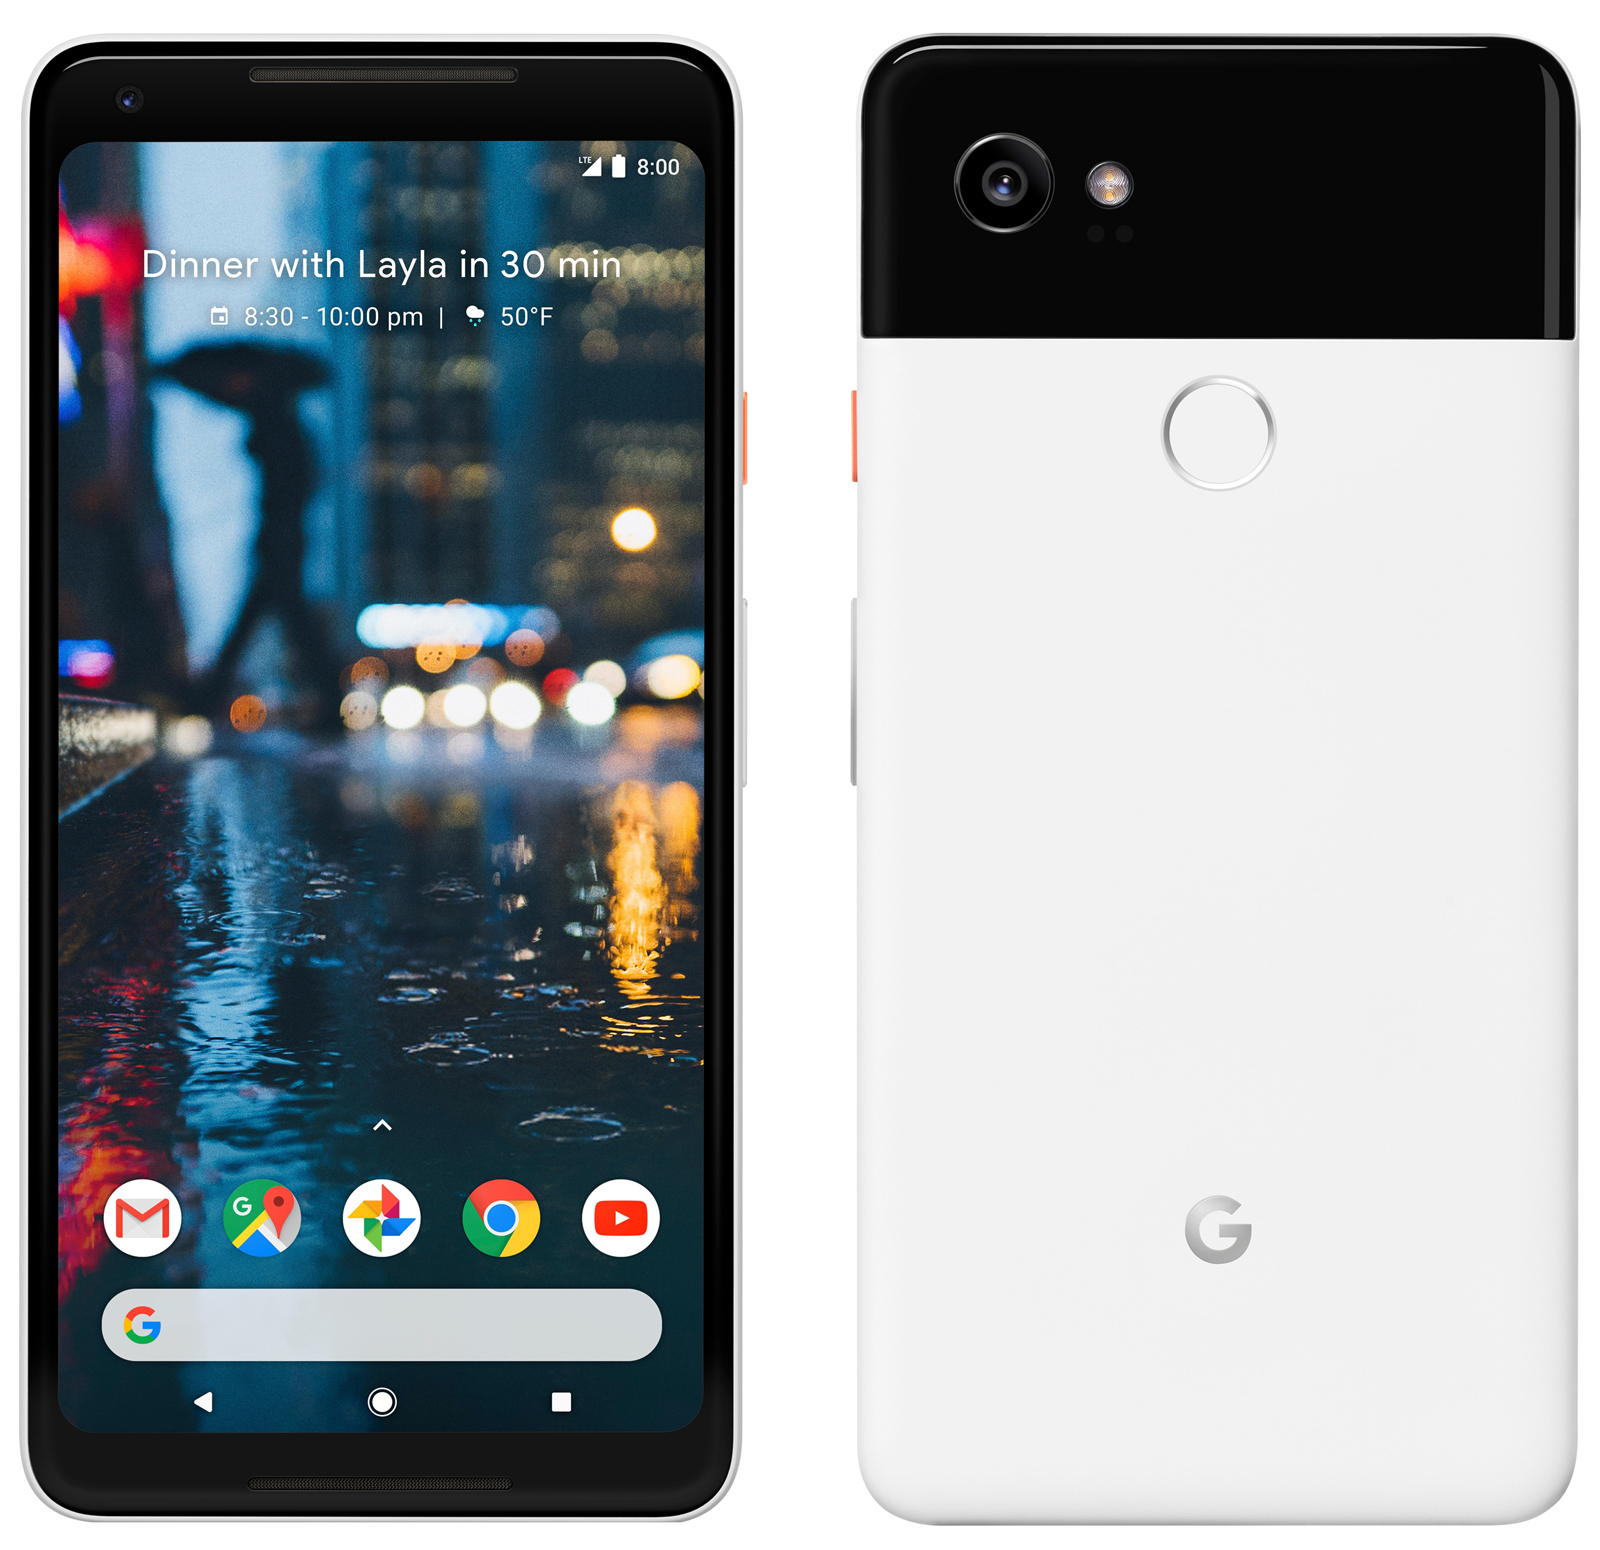 Google Pixel 2 XL vs Samsung Galaxy Note 8 - 2017 Top Social Media